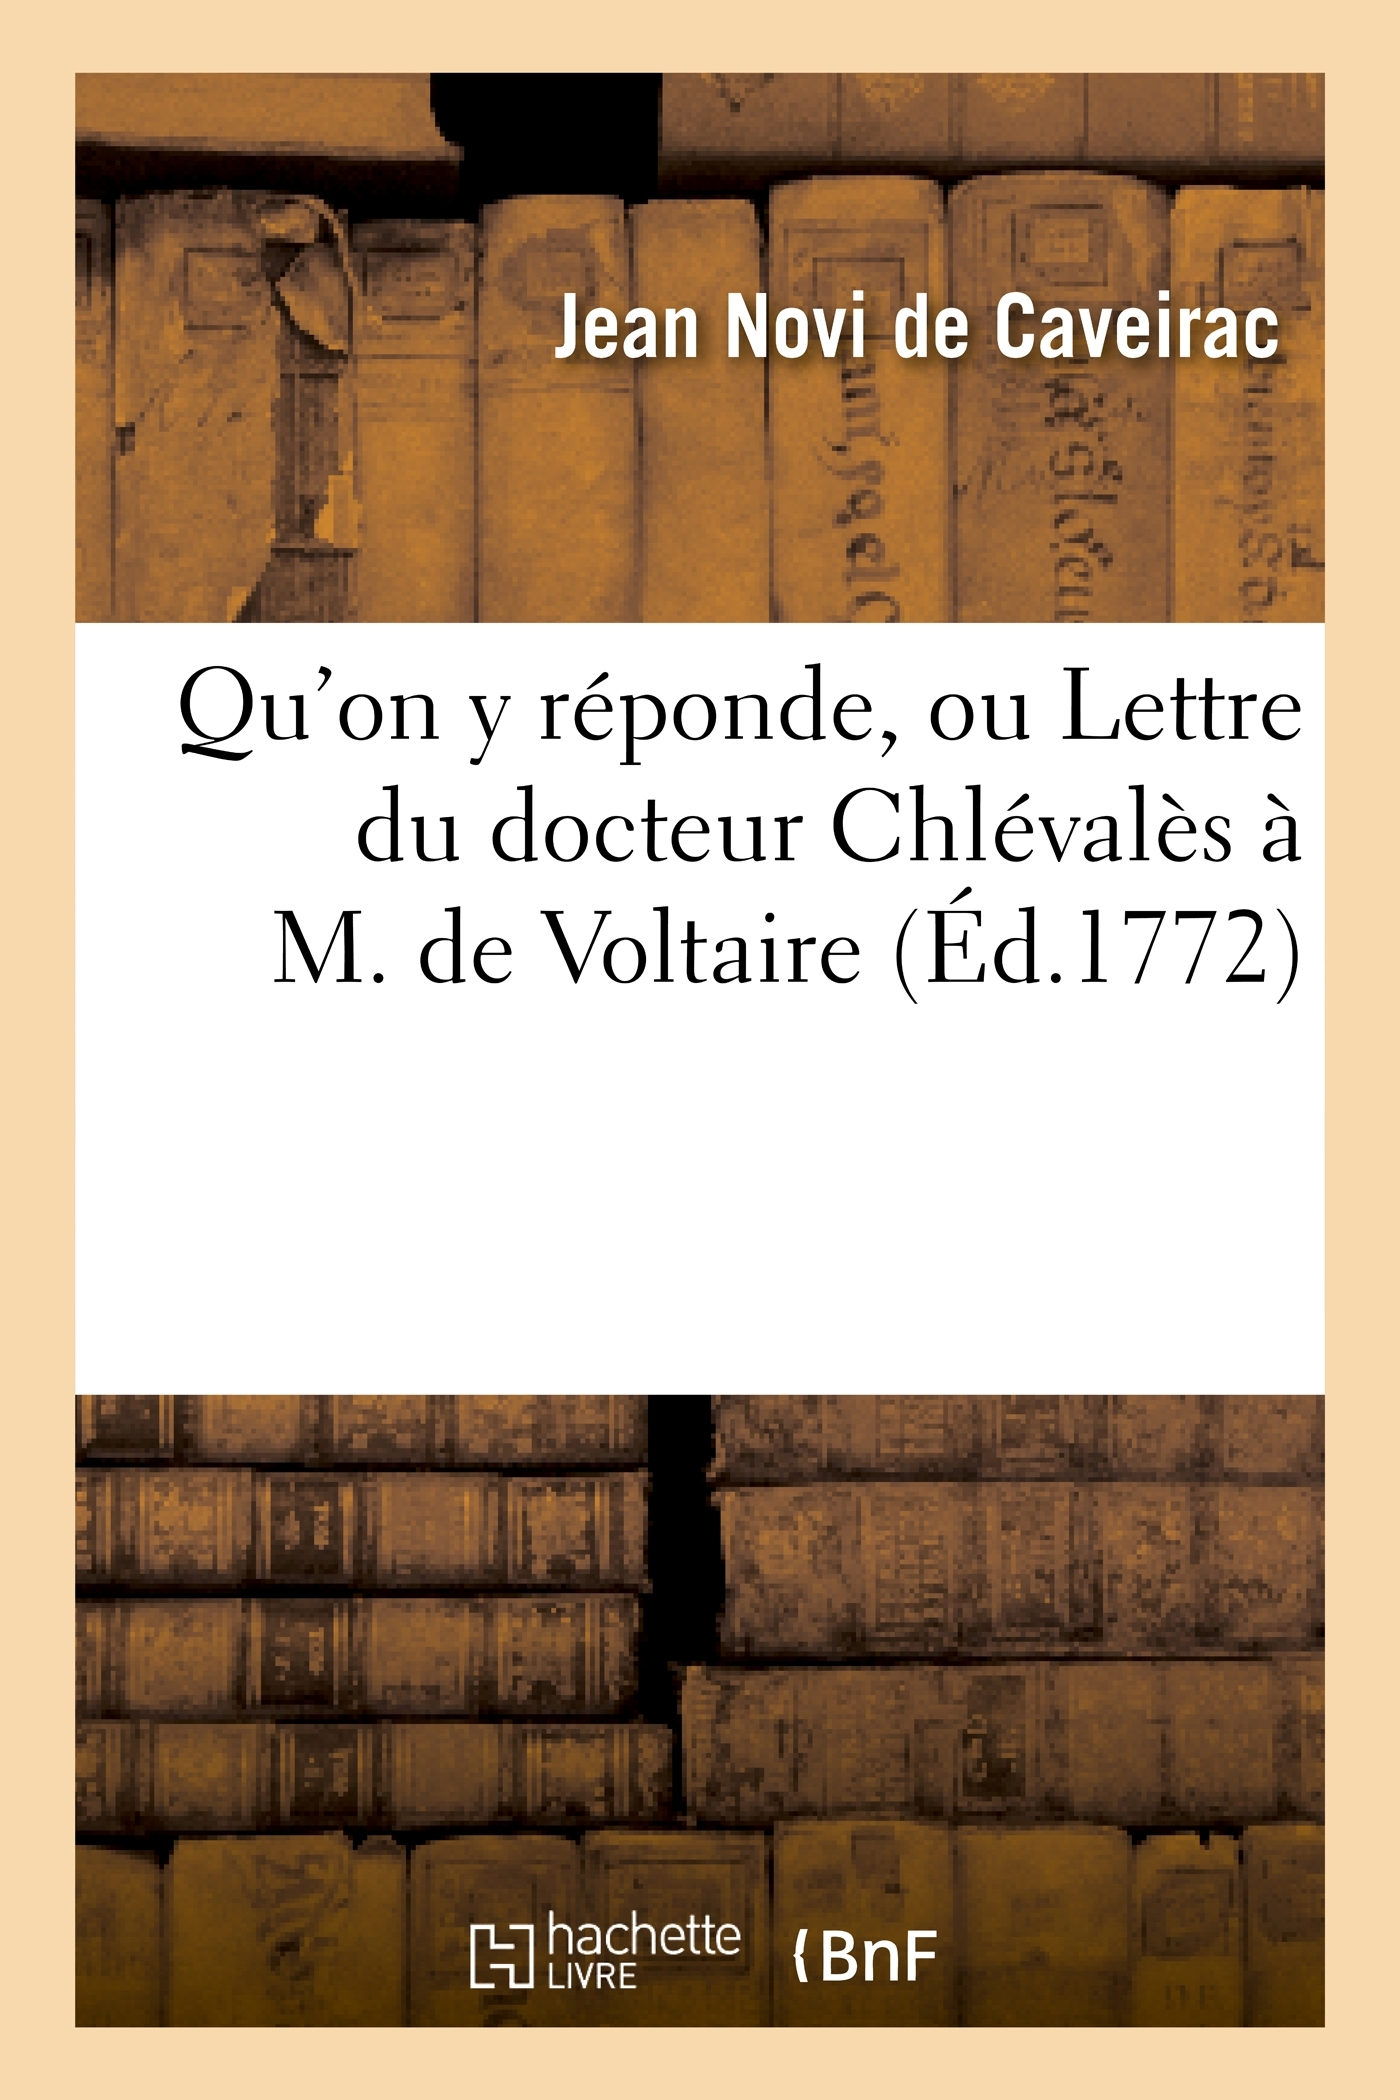 QU'ON Y REPONDE, OU LETTRE DU DOCTEUR CHLEVALES A M. DE VOLTAIRE